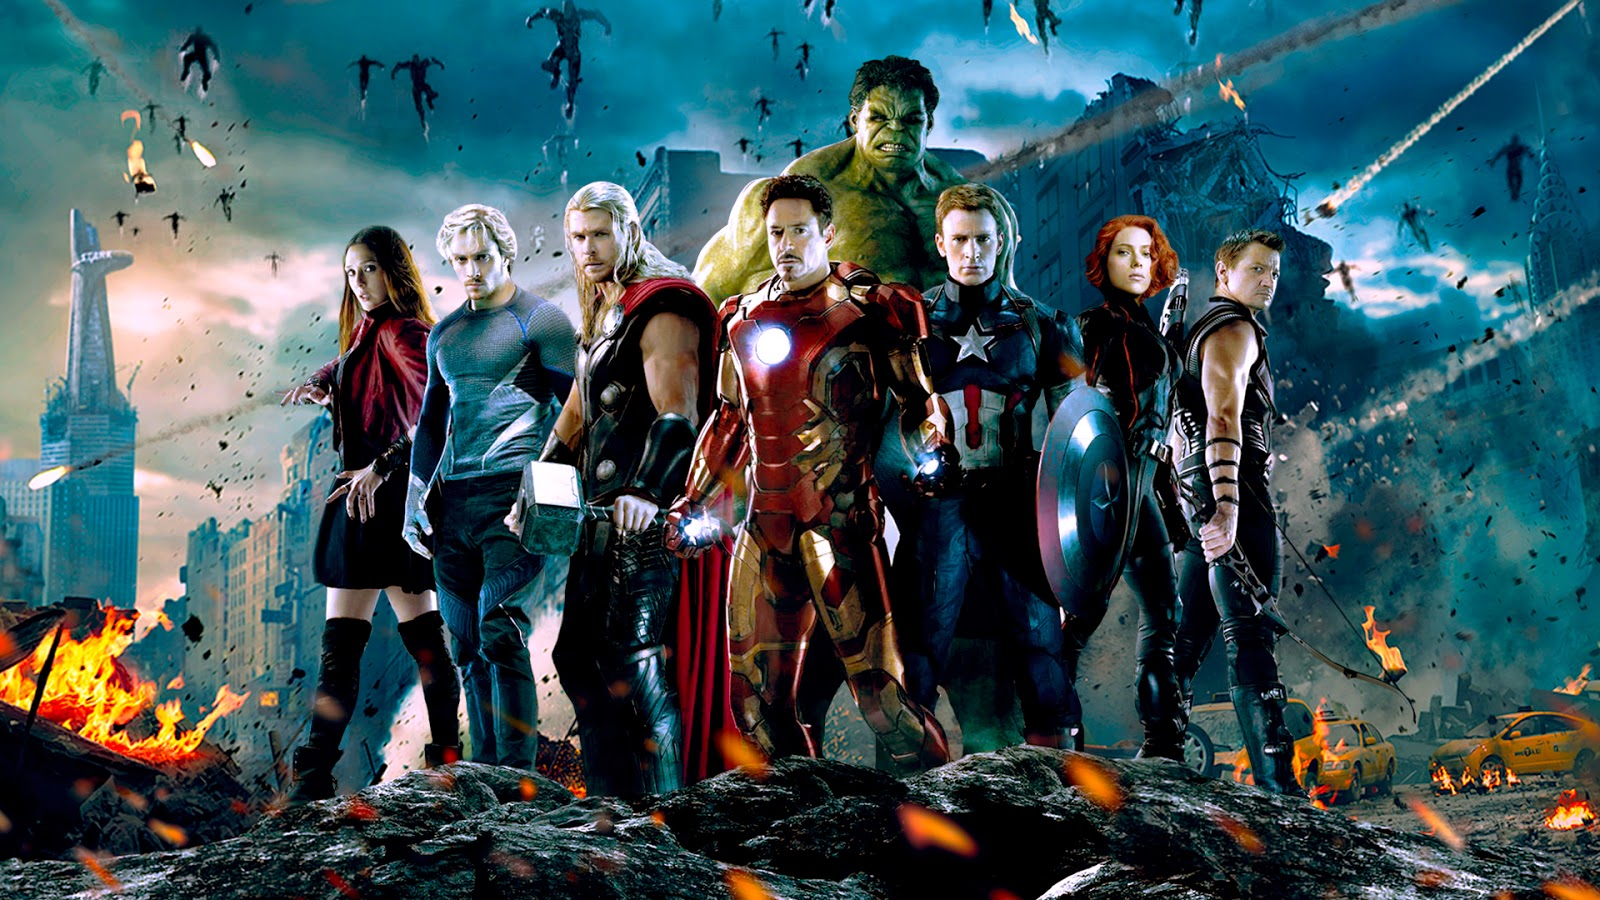 VÍDEO: Vingadores: Guerra Infinita estreia quinta-feira no Cine Peperi